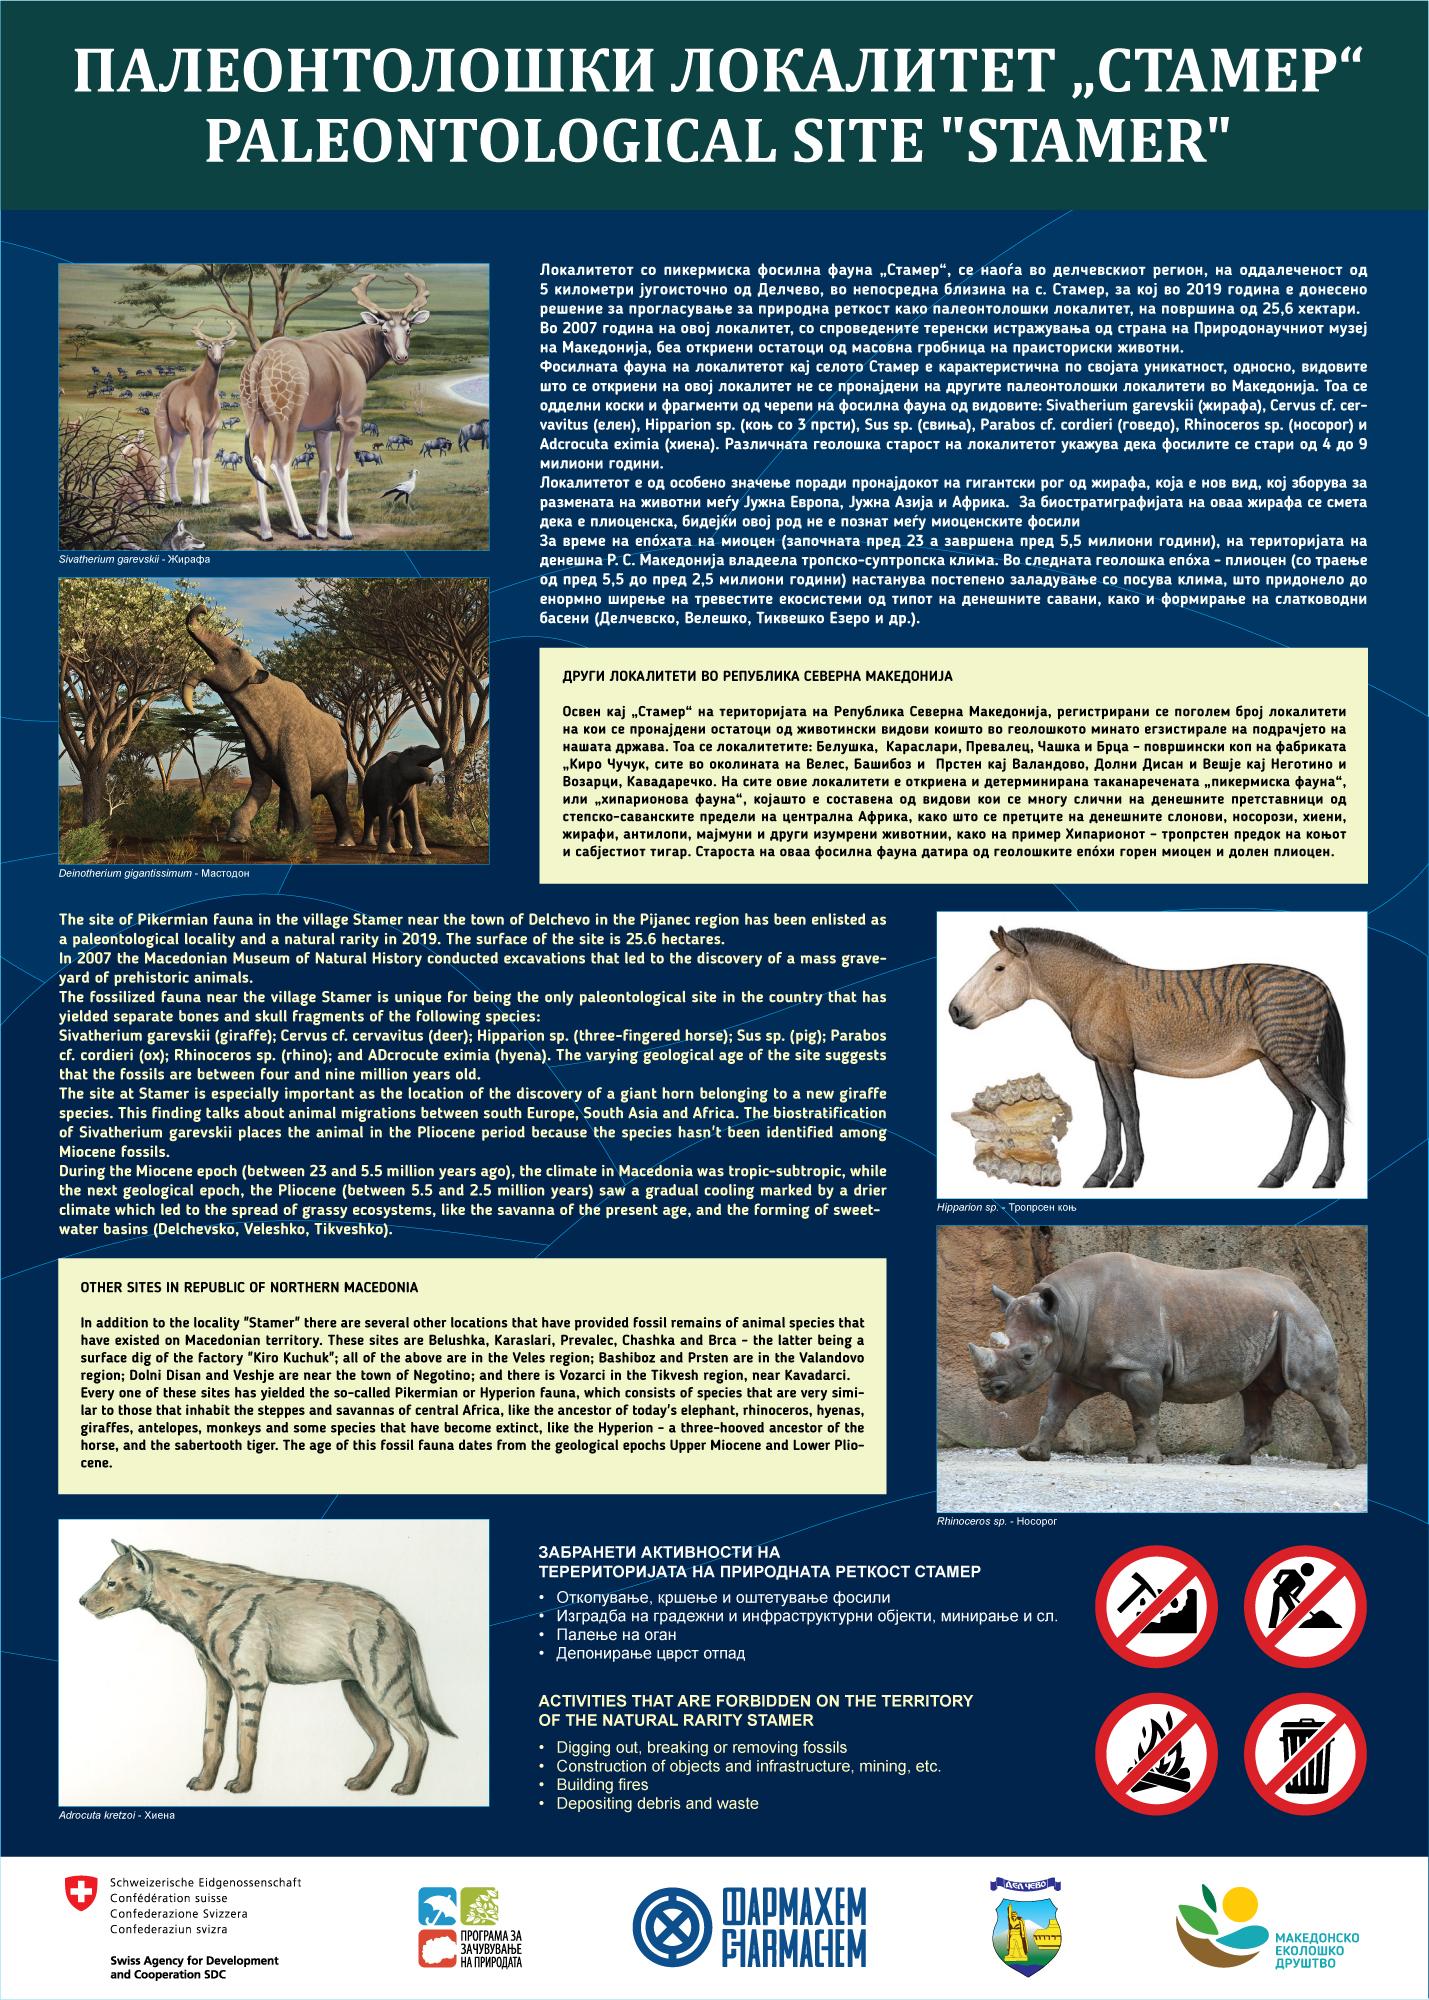 Paleontoloski-lokalitet-Stamer-info-tabla-ver.-1.2ai